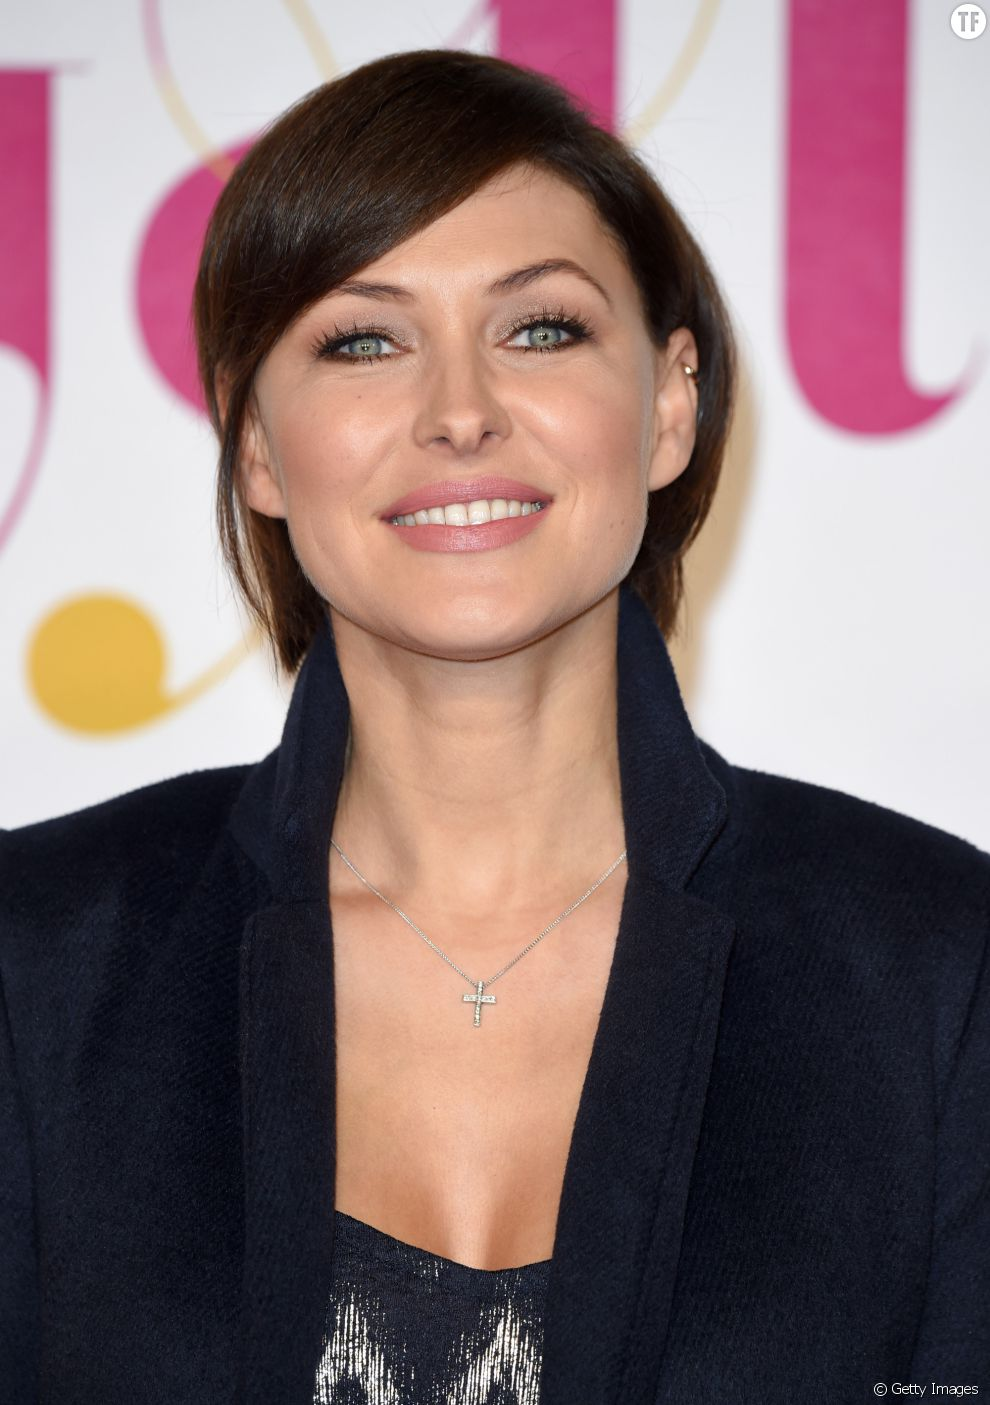 La présentatrice Emma Willis a trouvé la bonne parade pour adopter une coupe courte avec des cheveux ultra fins.